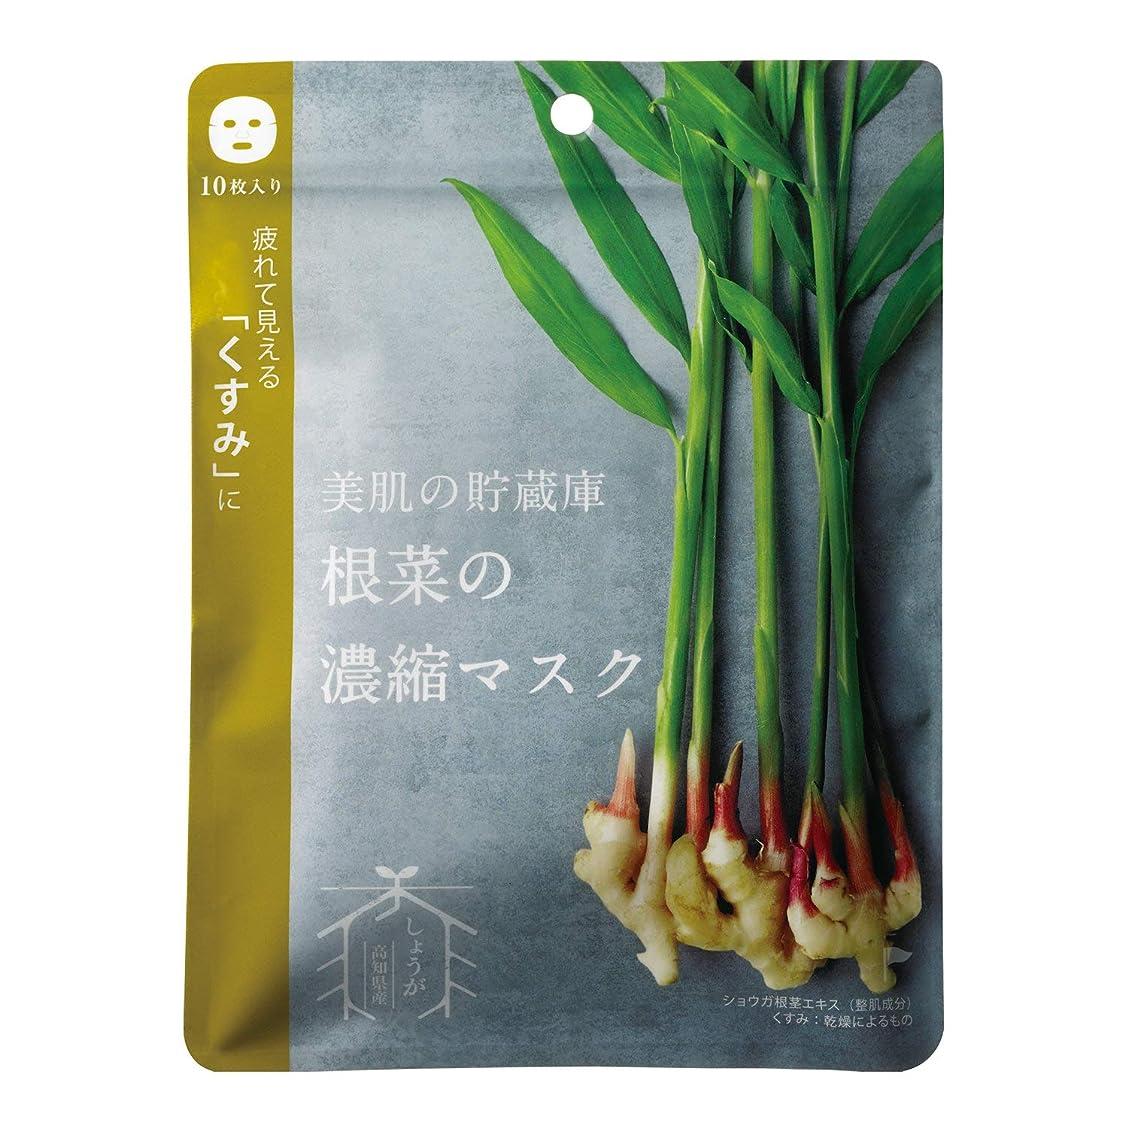 従順マージンピンチ@cosme nippon 美肌の貯蔵庫 根菜の濃縮マスク 土佐一しょうが 10枚 160ml